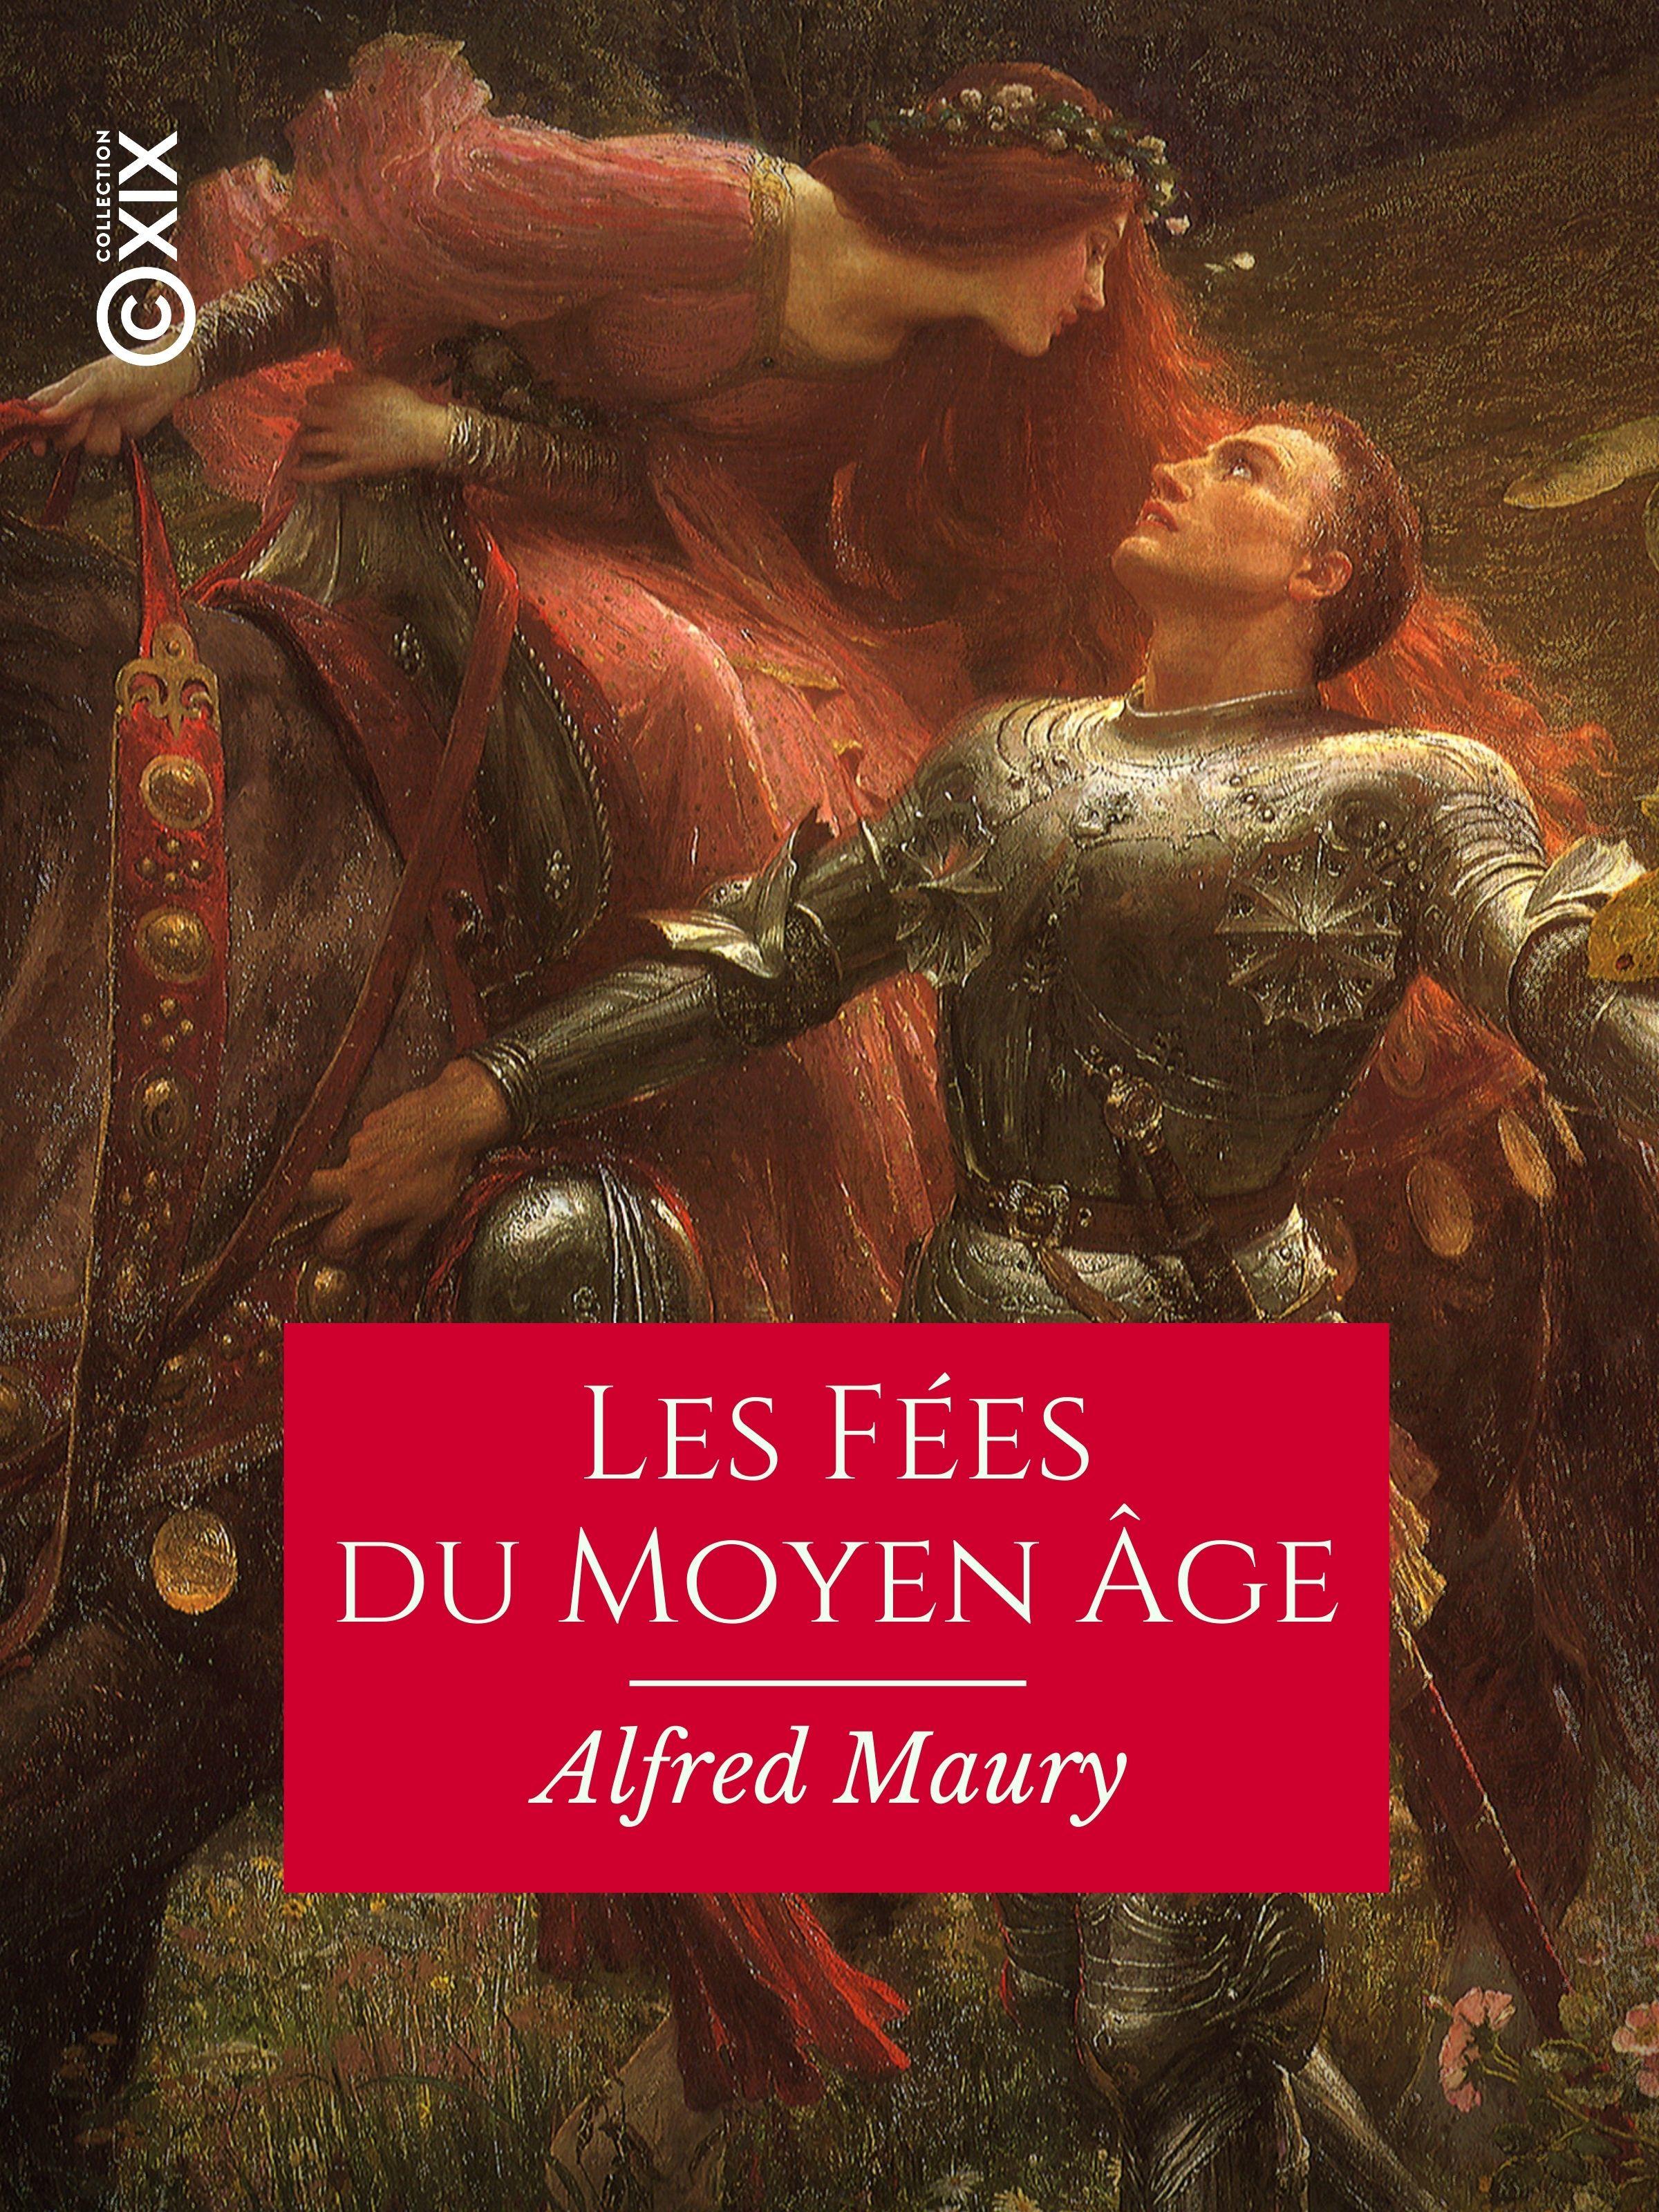 Les Fées du Moyen Âge